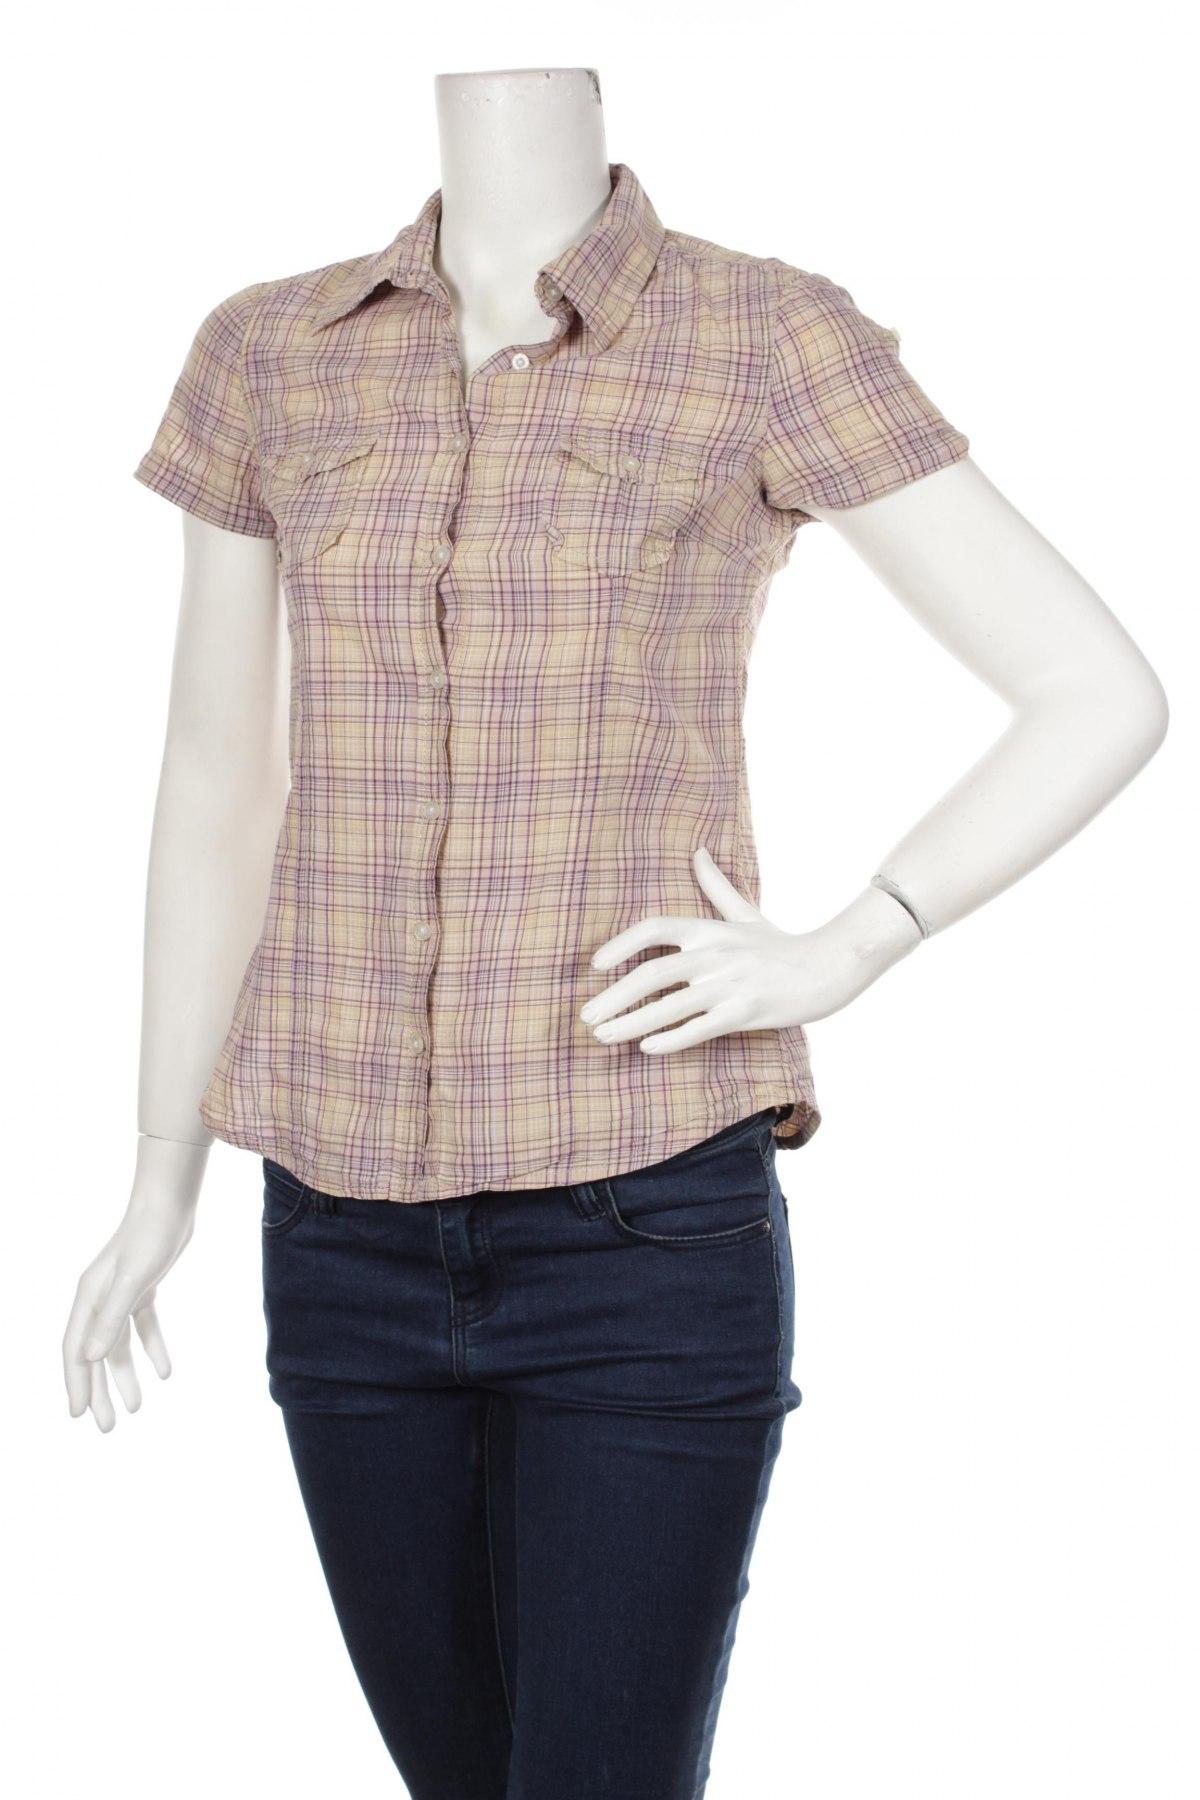 Γυναικείο πουκάμισο H&M L.o.g.g, Μέγεθος S, Χρώμα Πολύχρωμο, Βαμβάκι, Τιμή 8,66€